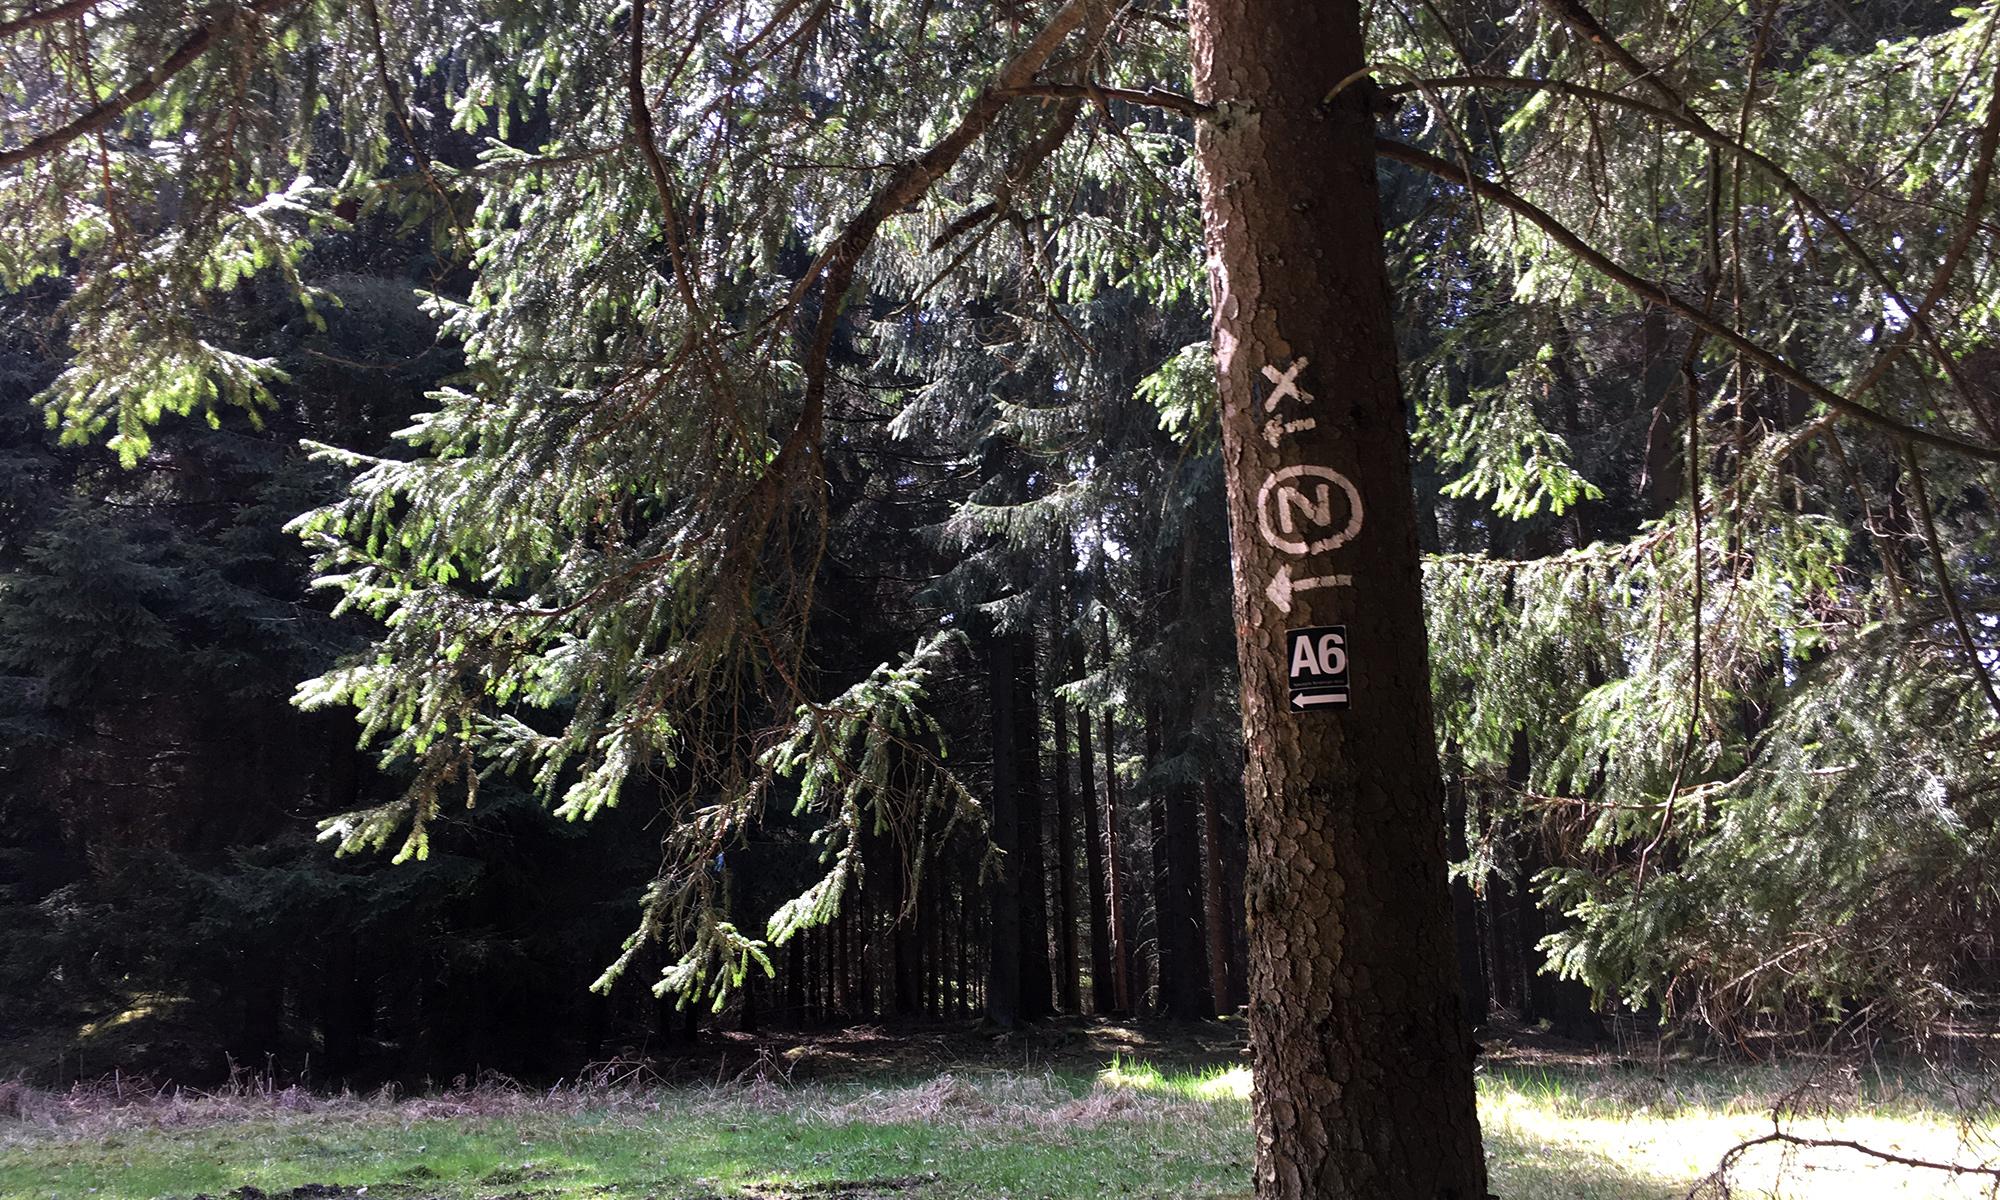 Baum mit Wegmarkierung